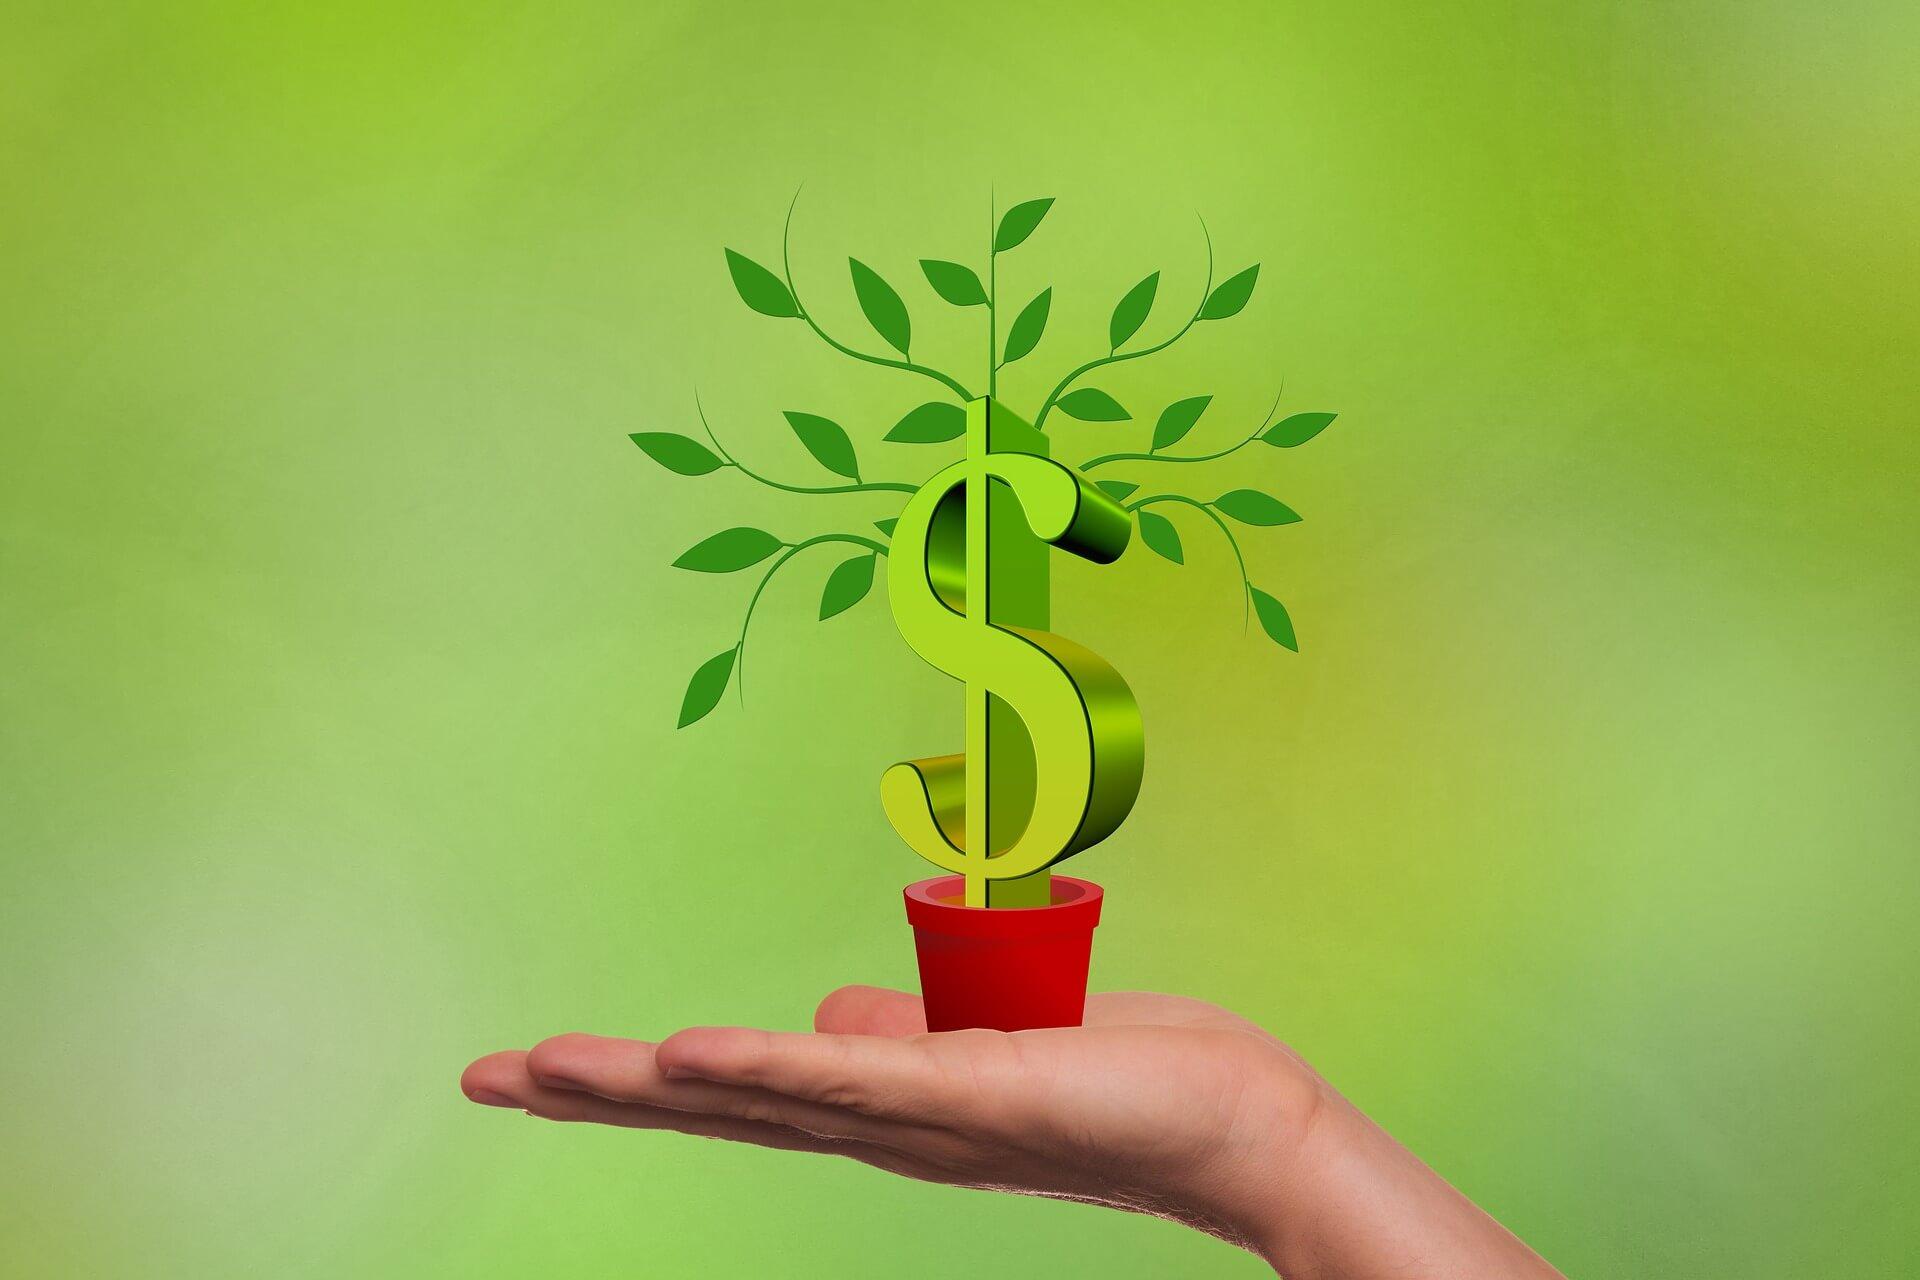 Las inversiones a largo plazo